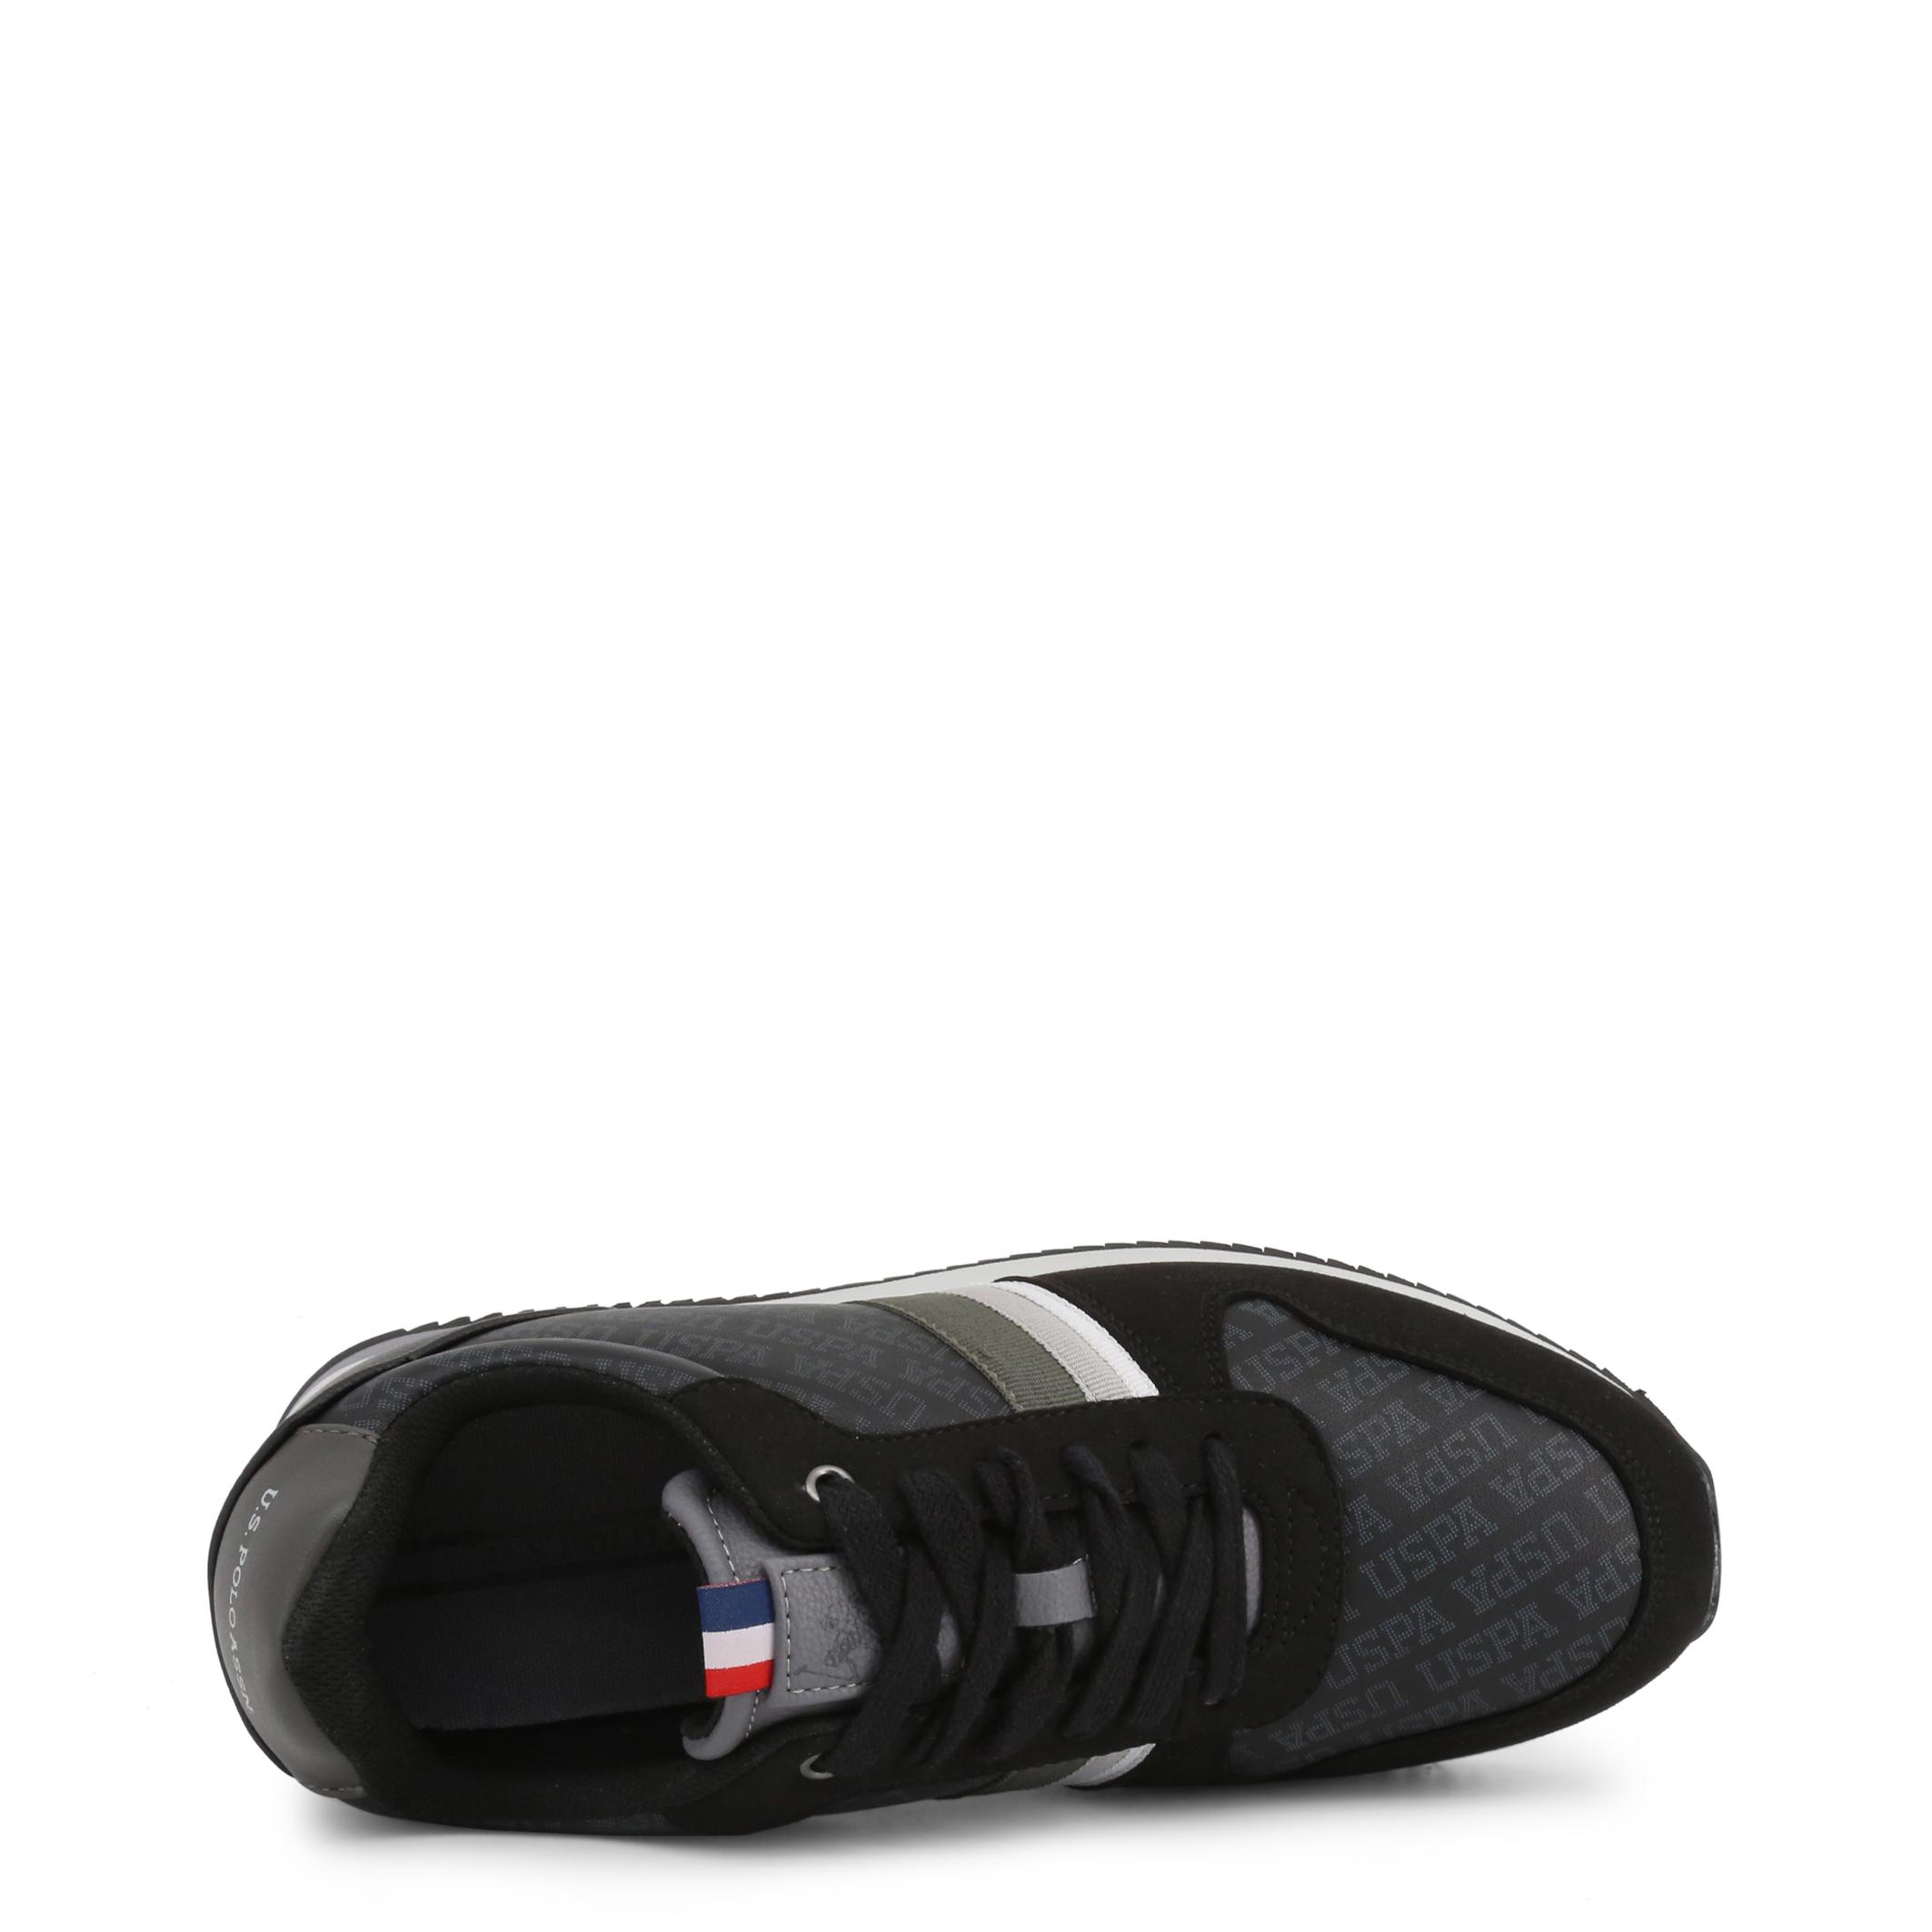 Baskets / Sport  U.S. Polo Assn. CORAD4248W9_Y1_BLK black